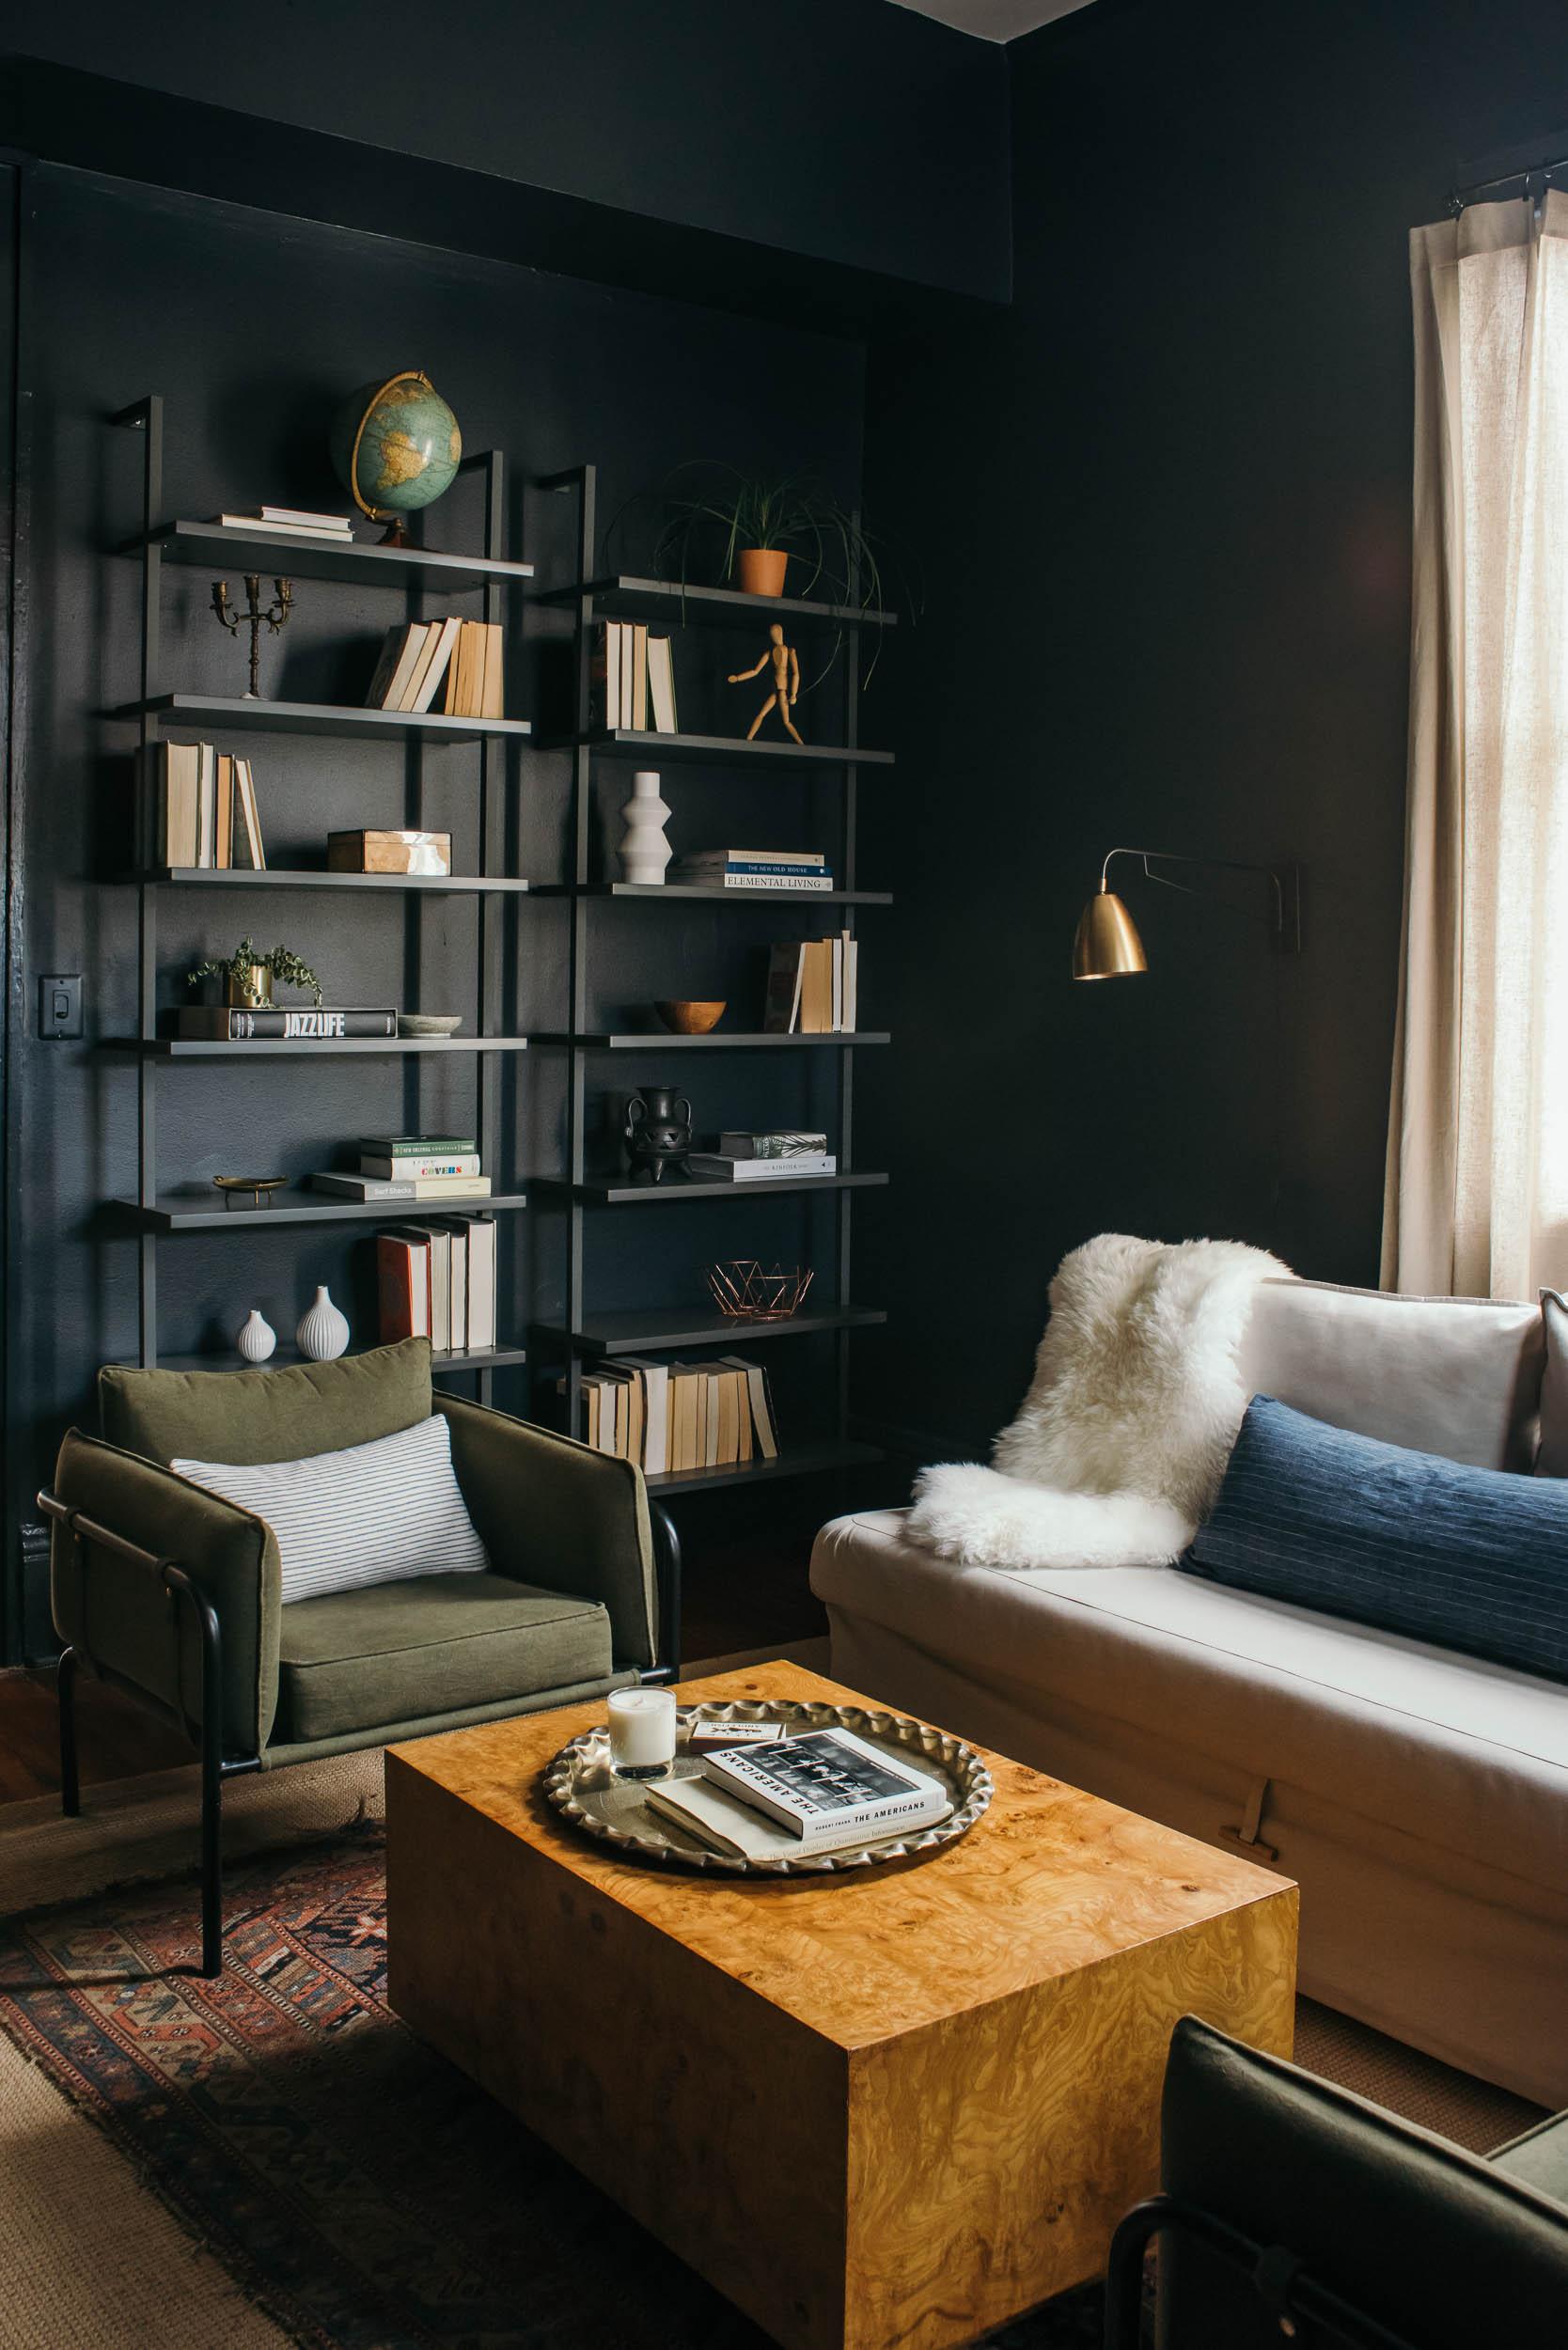 Anna_Thomas_Apartment_New_Orleans-55.jpg